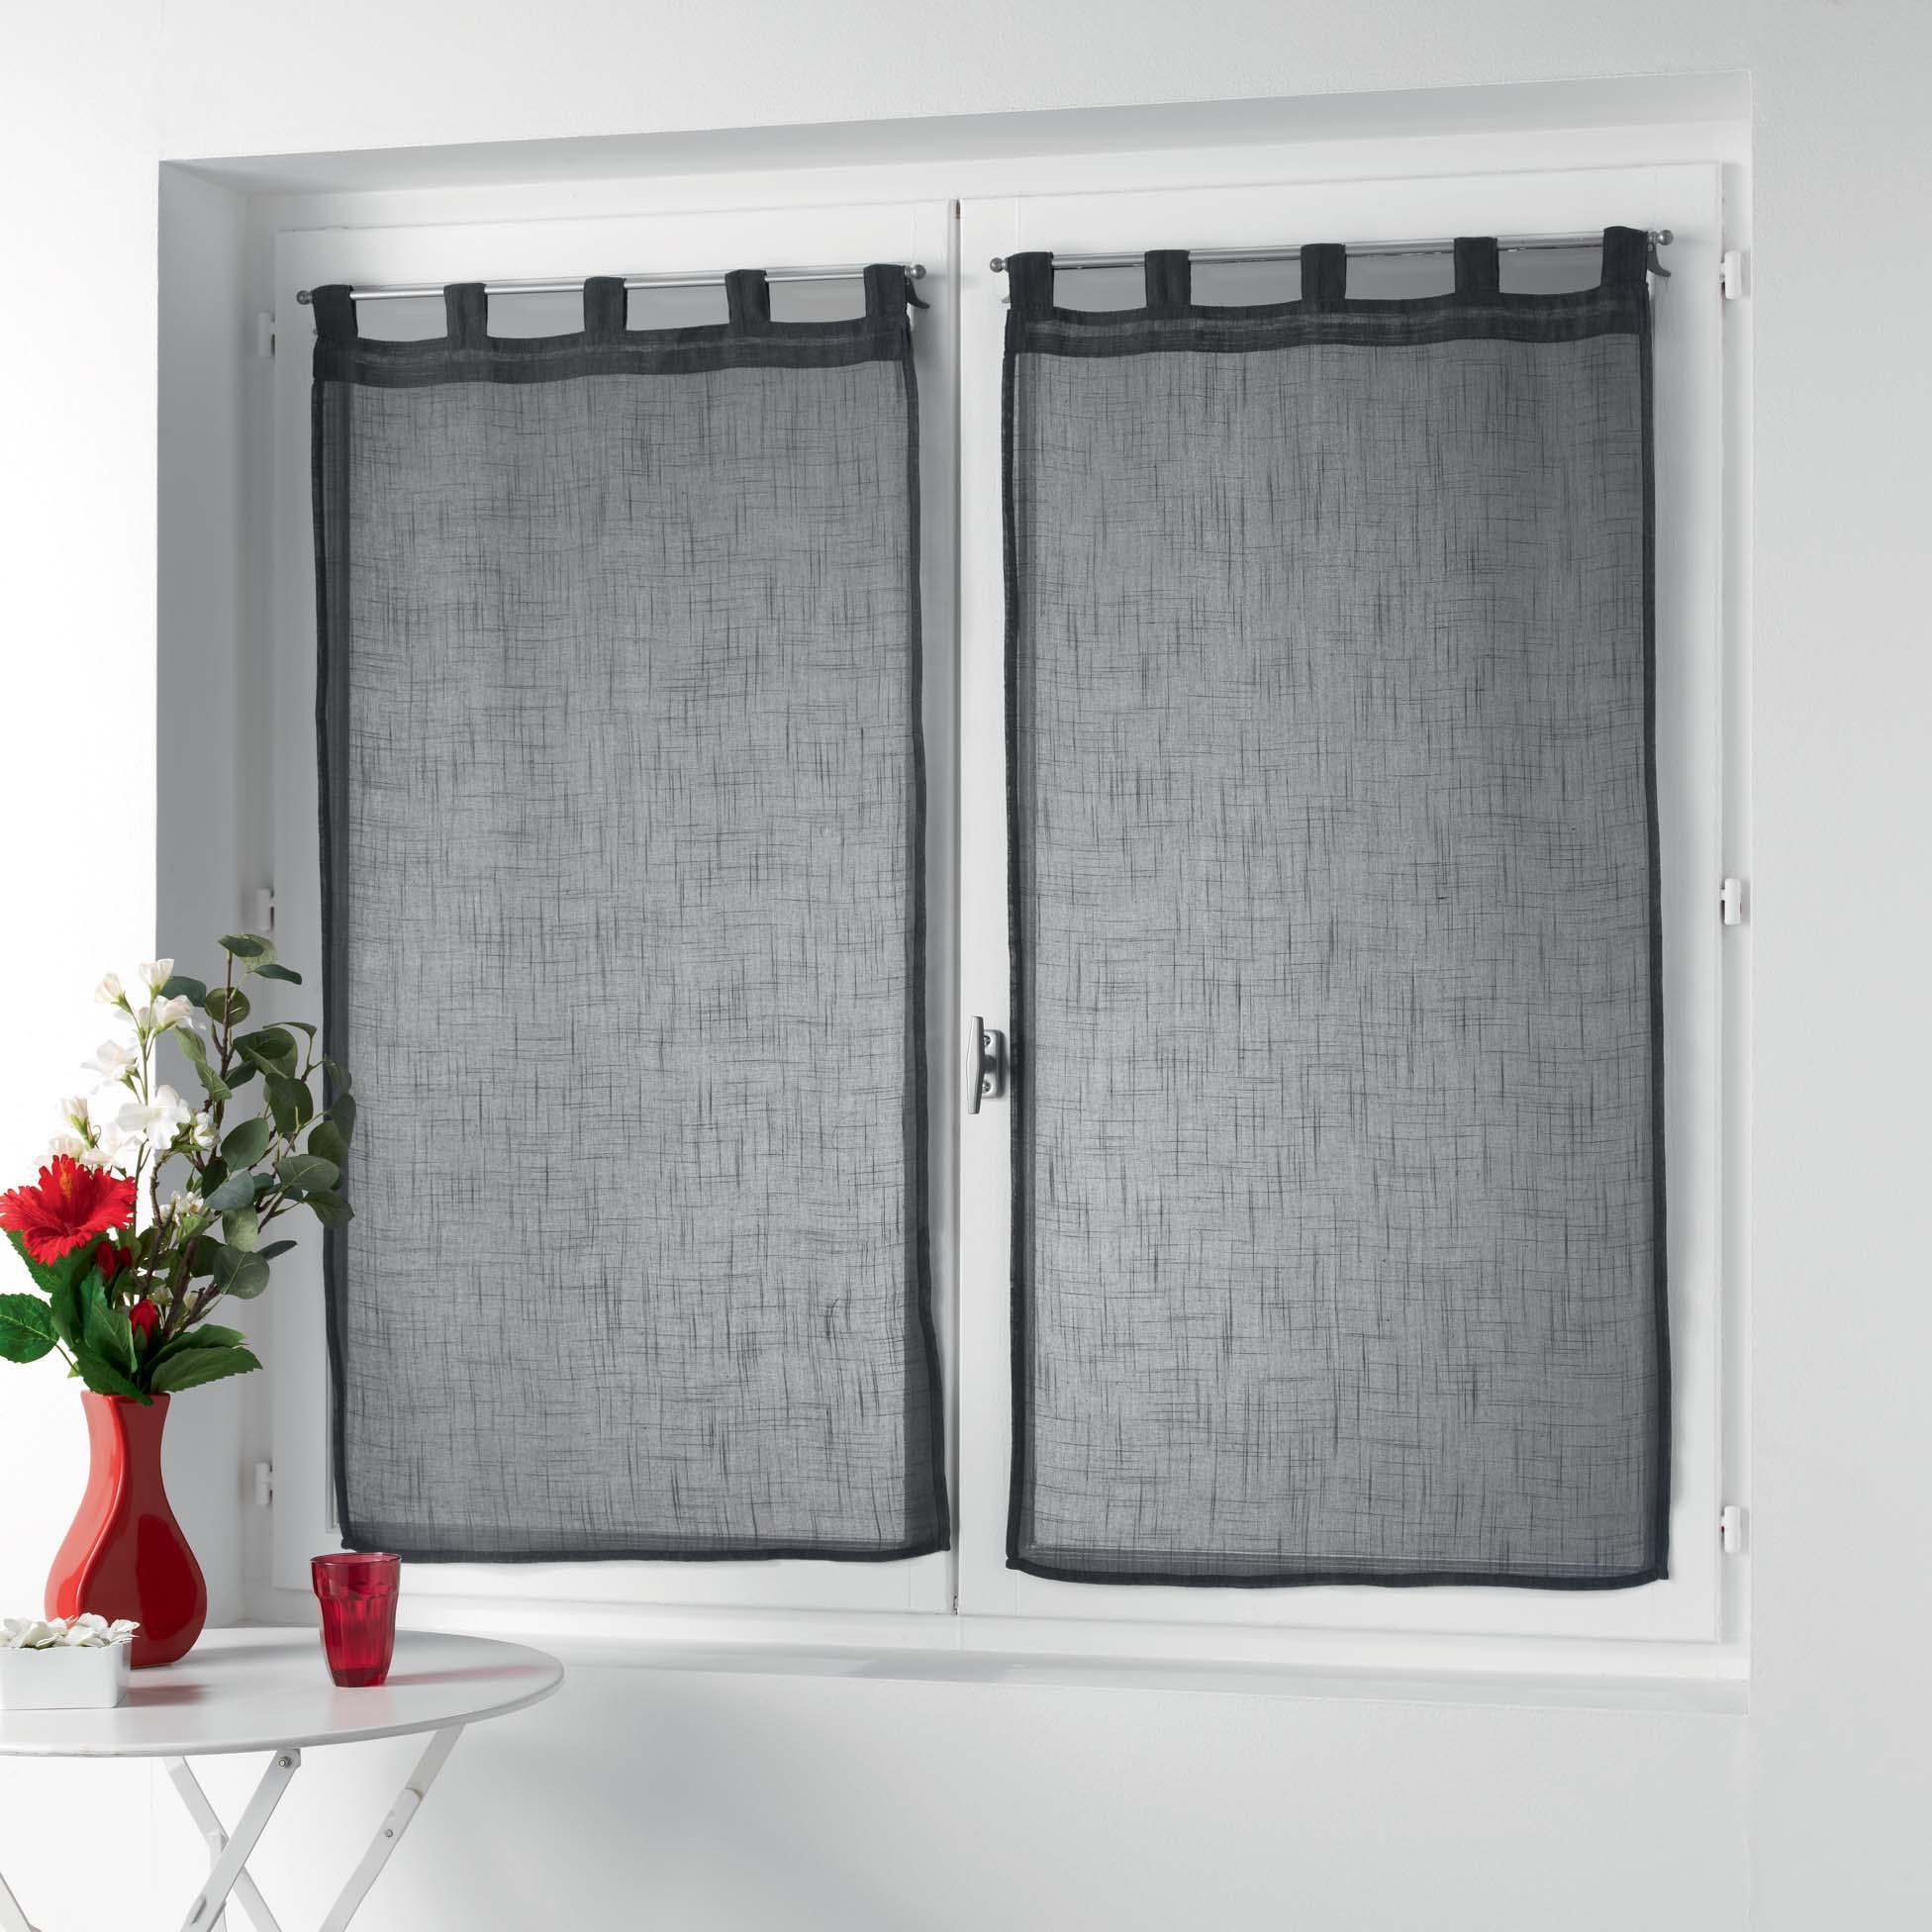 Petits vitrages droits à passants unis polyester anthracite 90x60